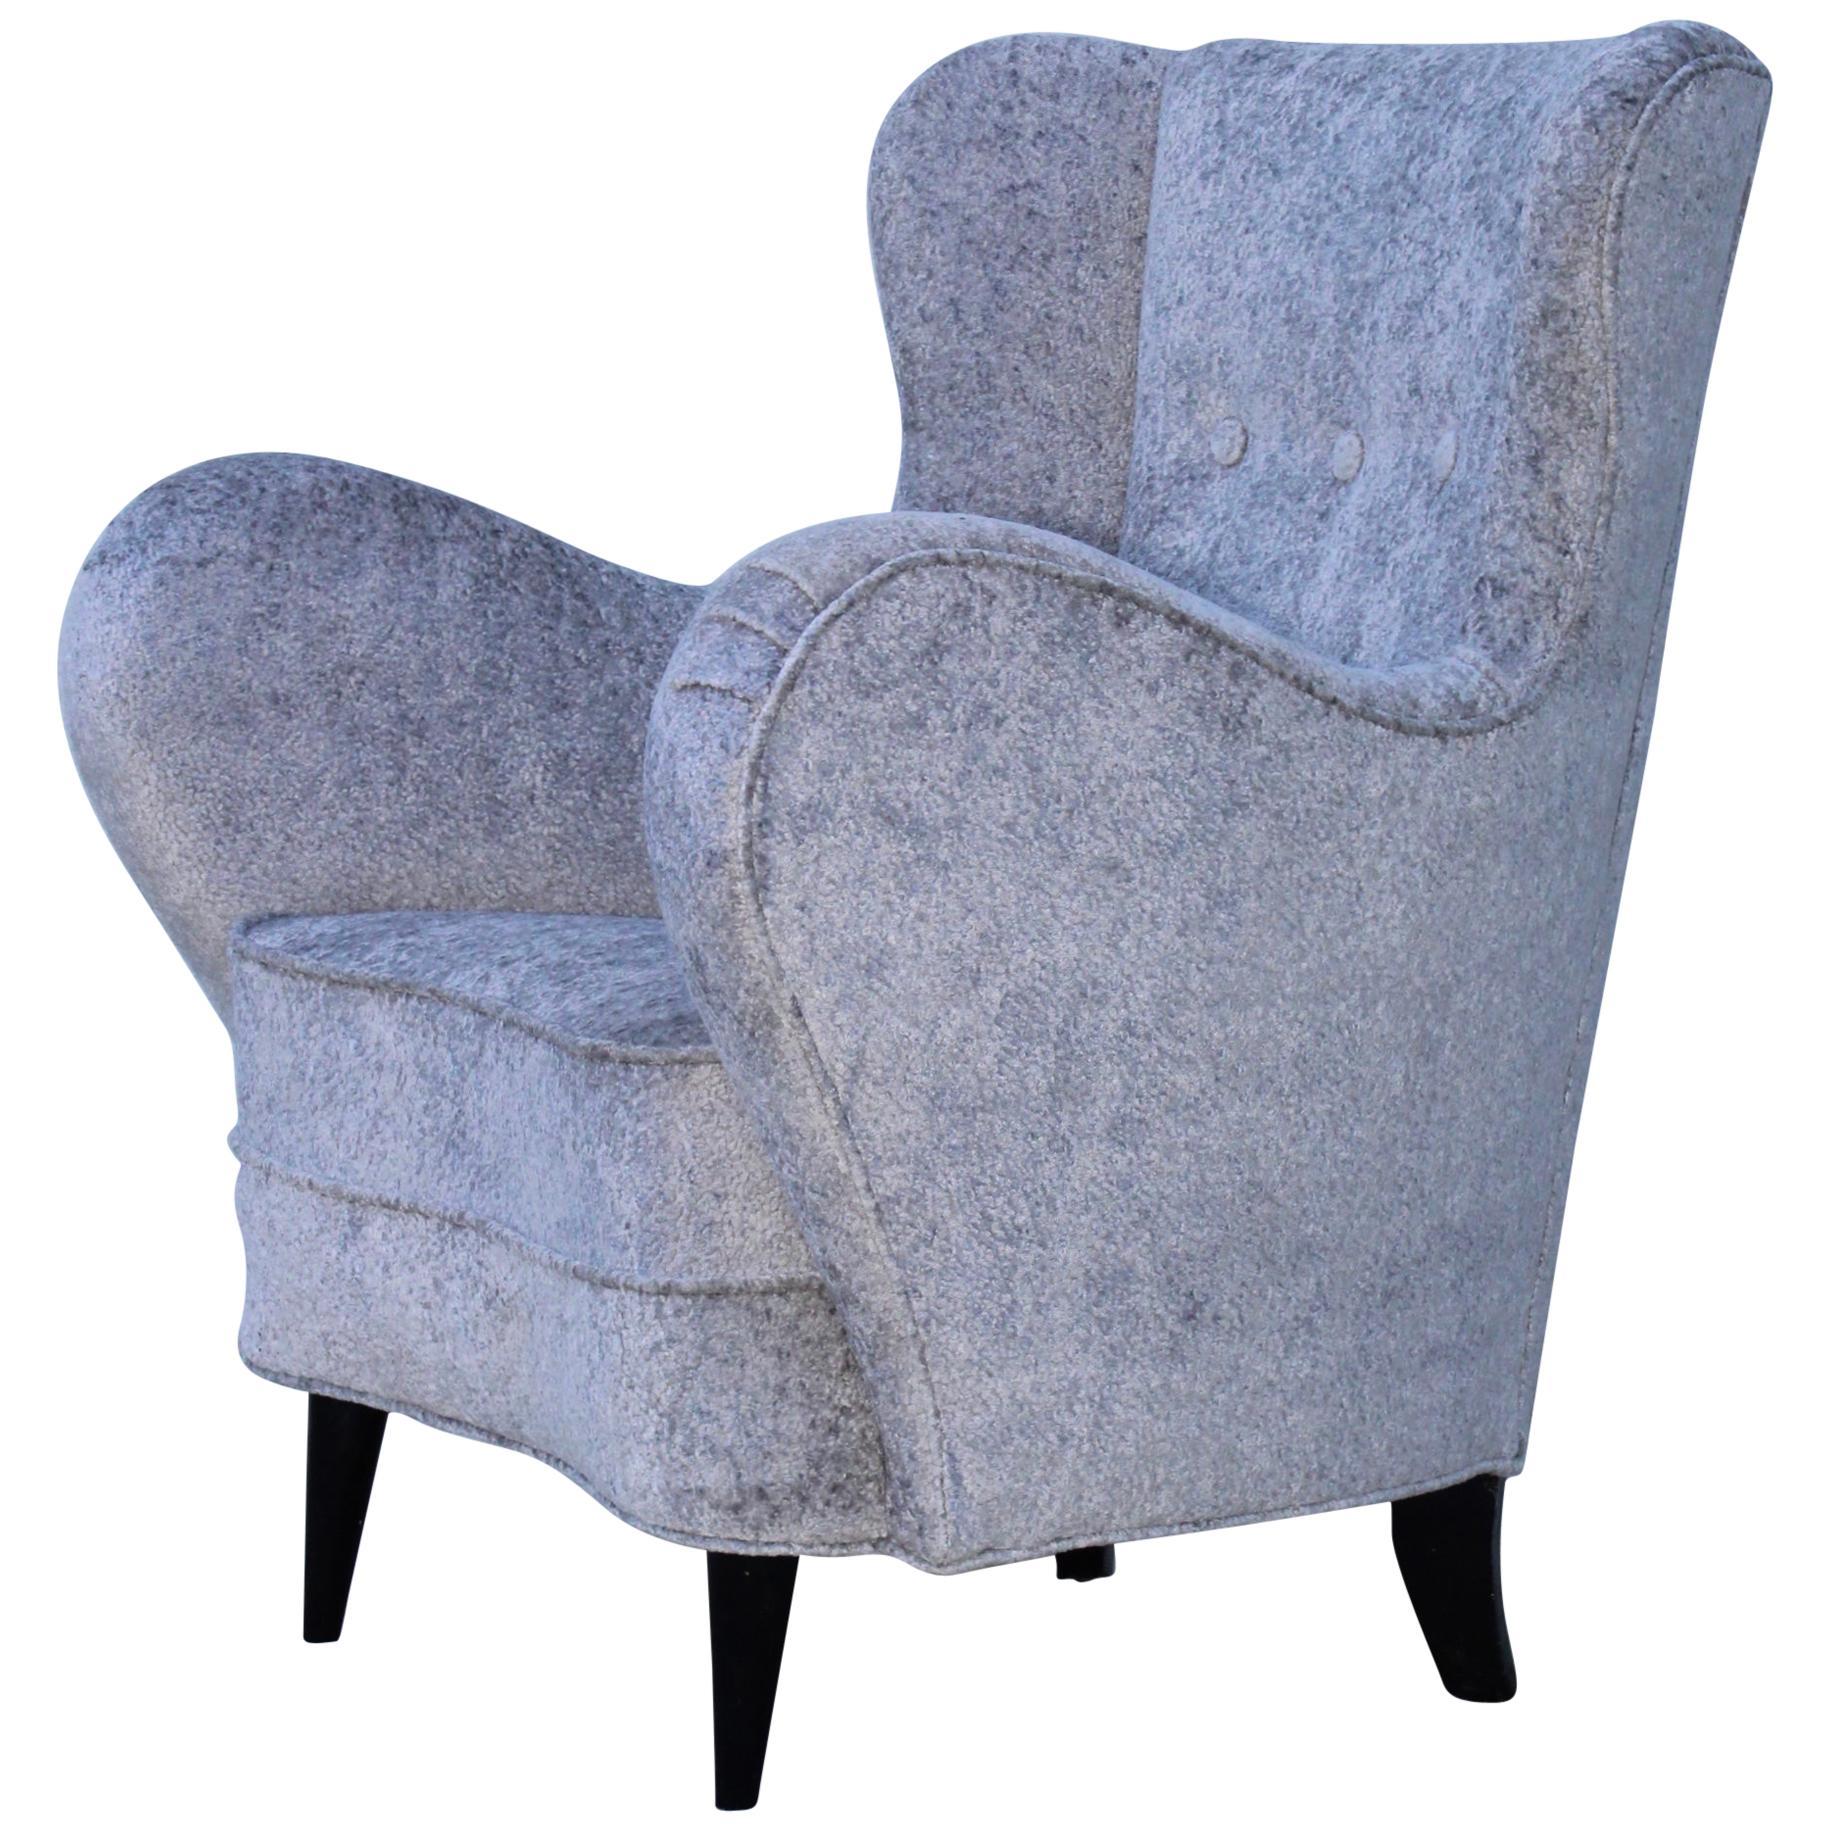 1950s Sculptural Italian Lounge Chair